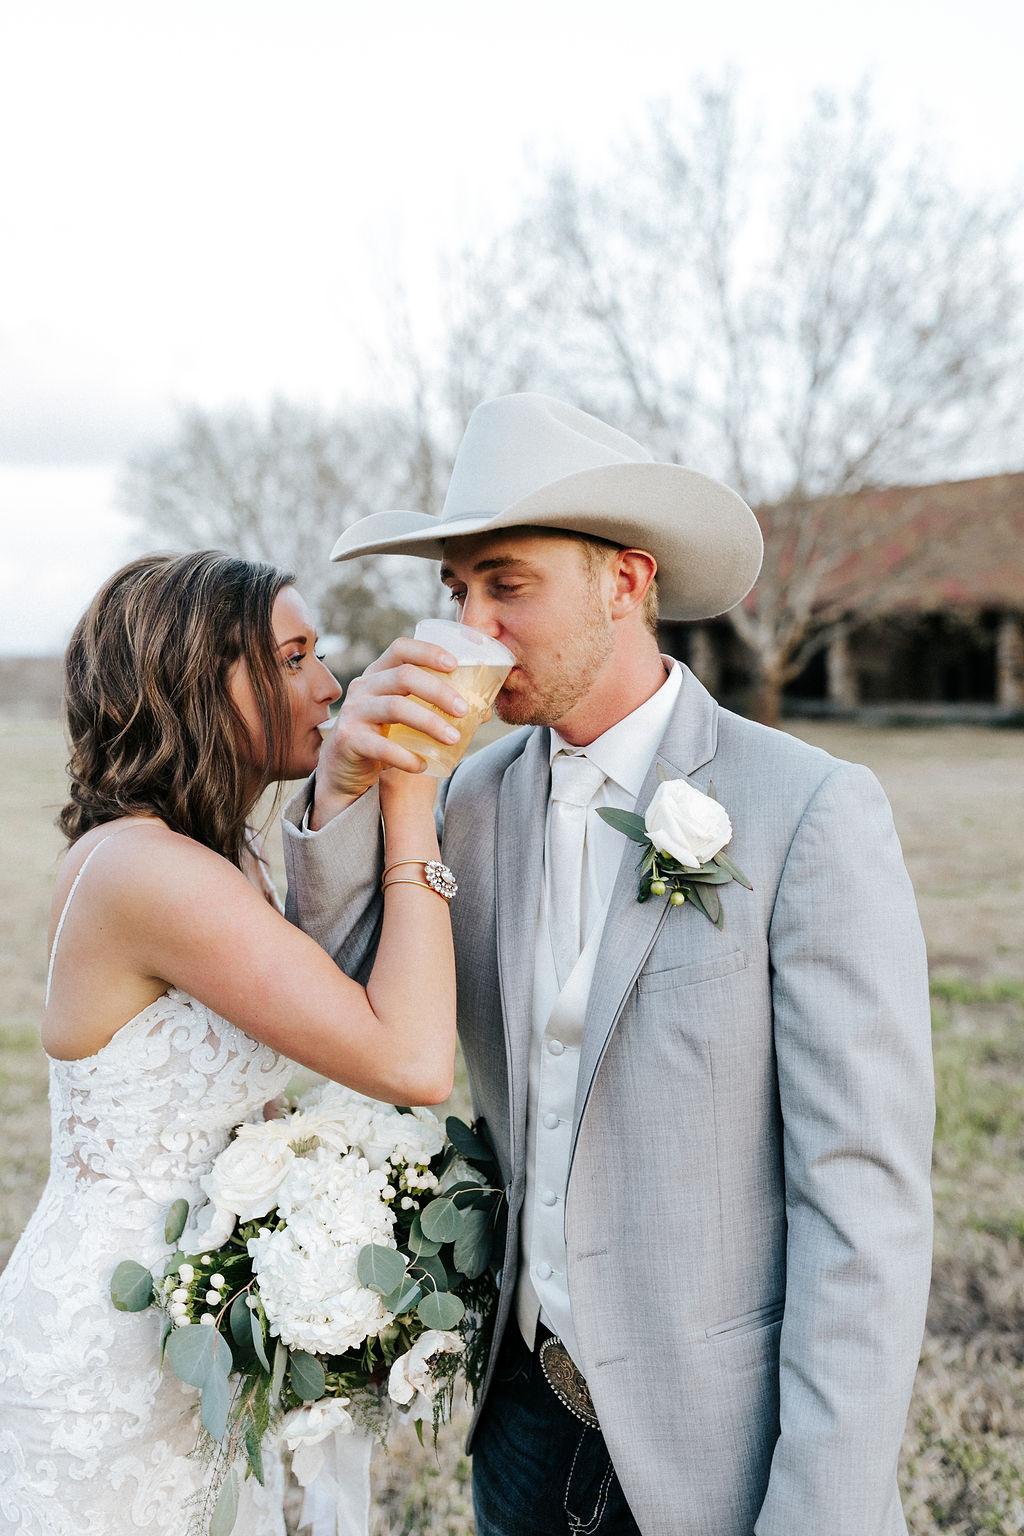 Epoch Co+ Destination wedding planner | First Look Photo Ideas with Groom | Rockin Star Ranch, Brenham Wedding Venue | Velvet + Wire Photography | Austin Wedding Planner